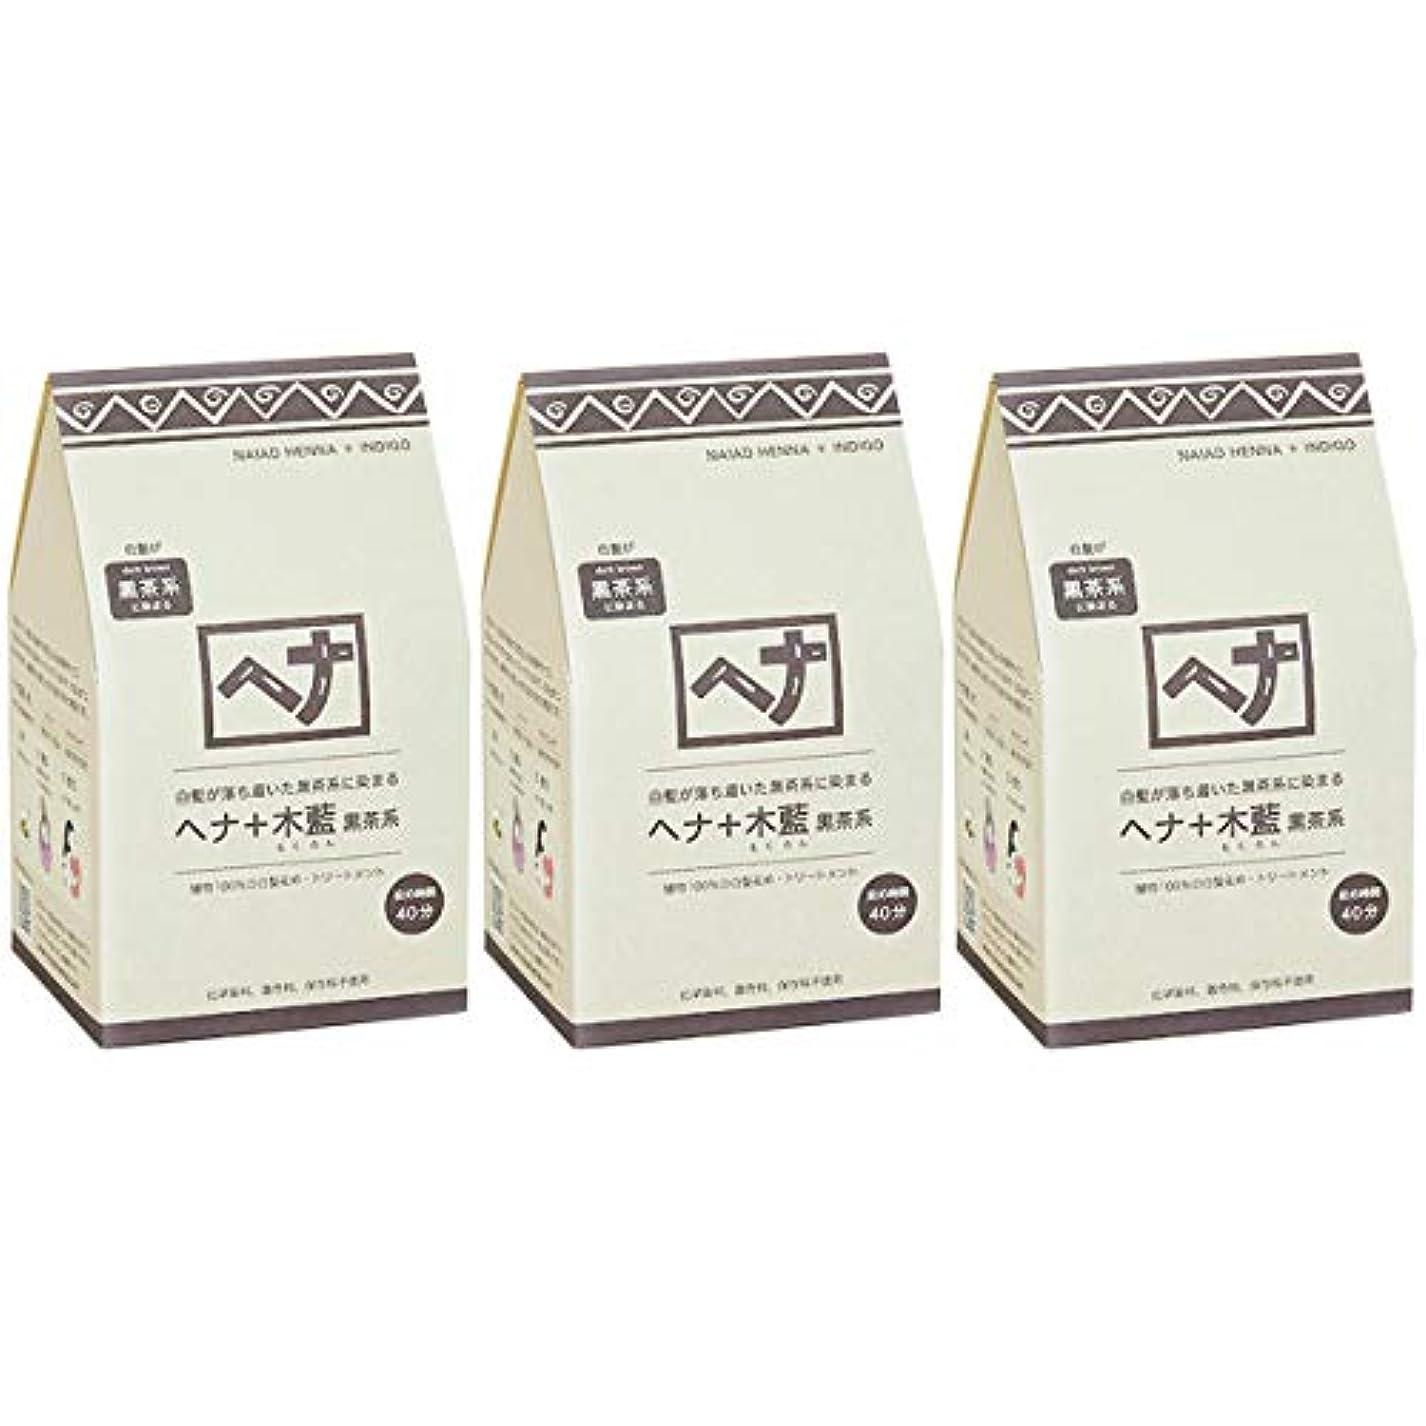 せっかち本土隙間ナイアード ヘナ + 木藍 黒茶系 白髪が落ち着いた黒茶系に染まる 400g 3個セット